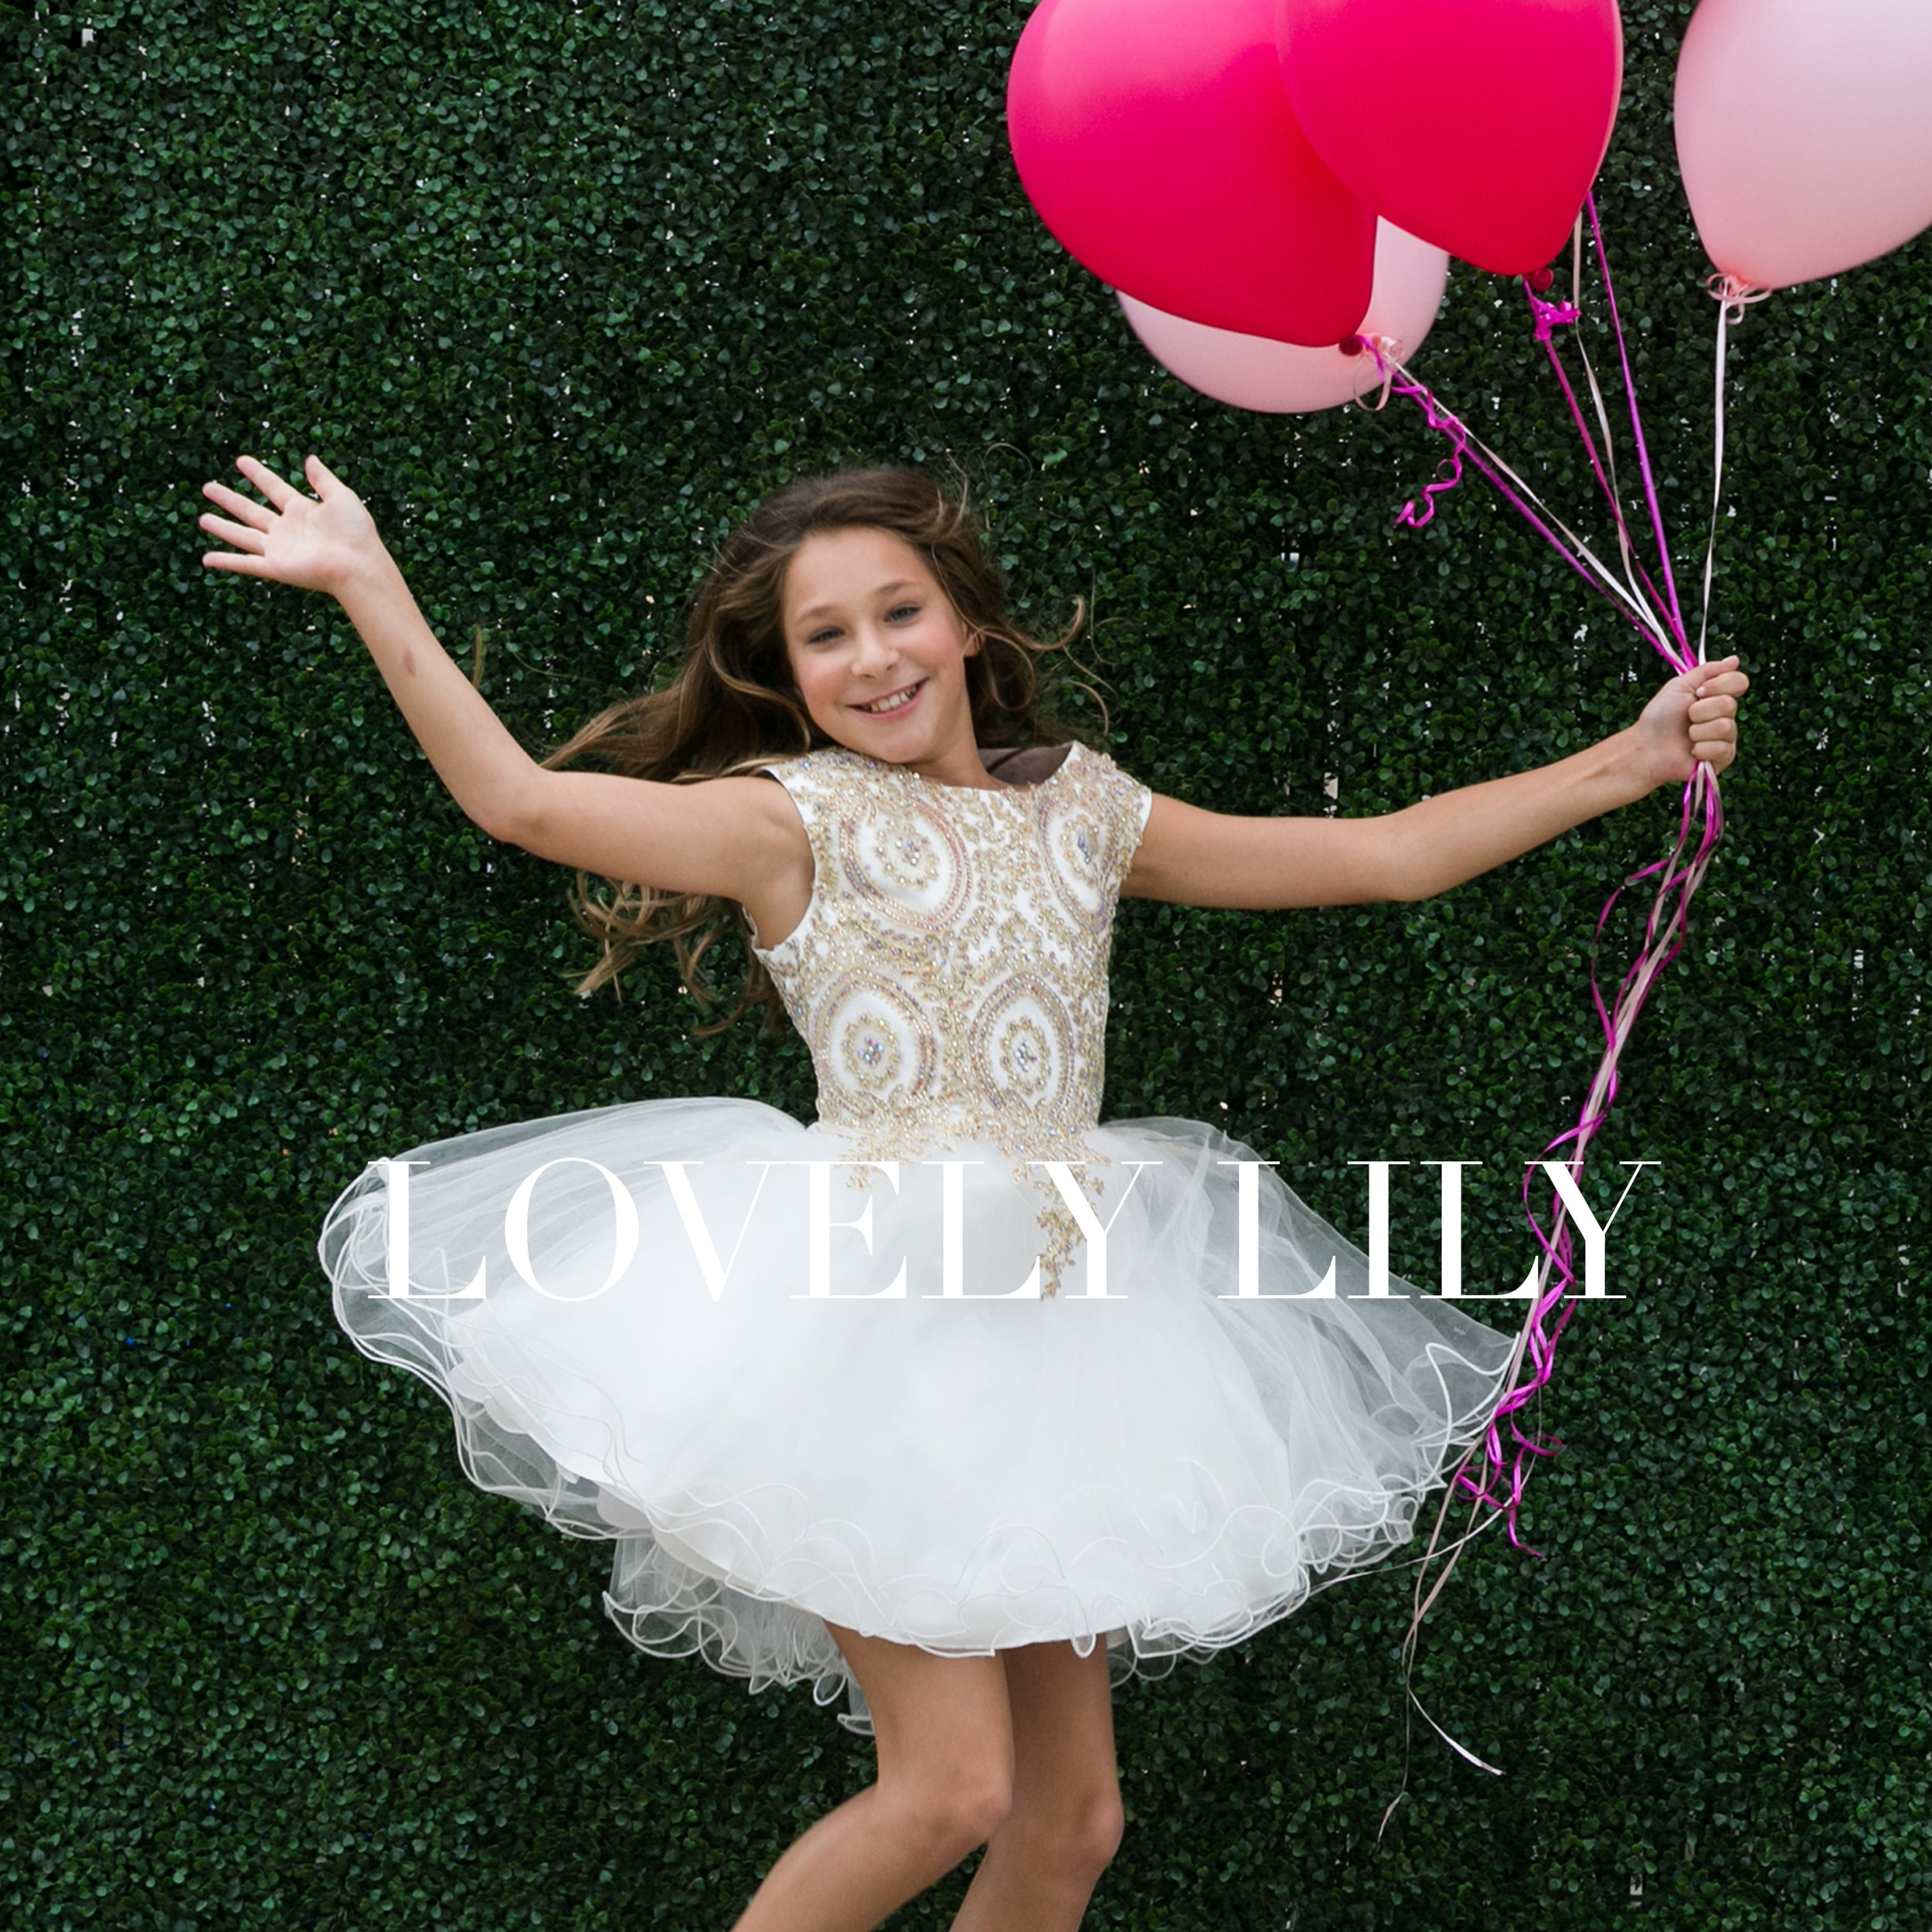 lovely lily.jpg